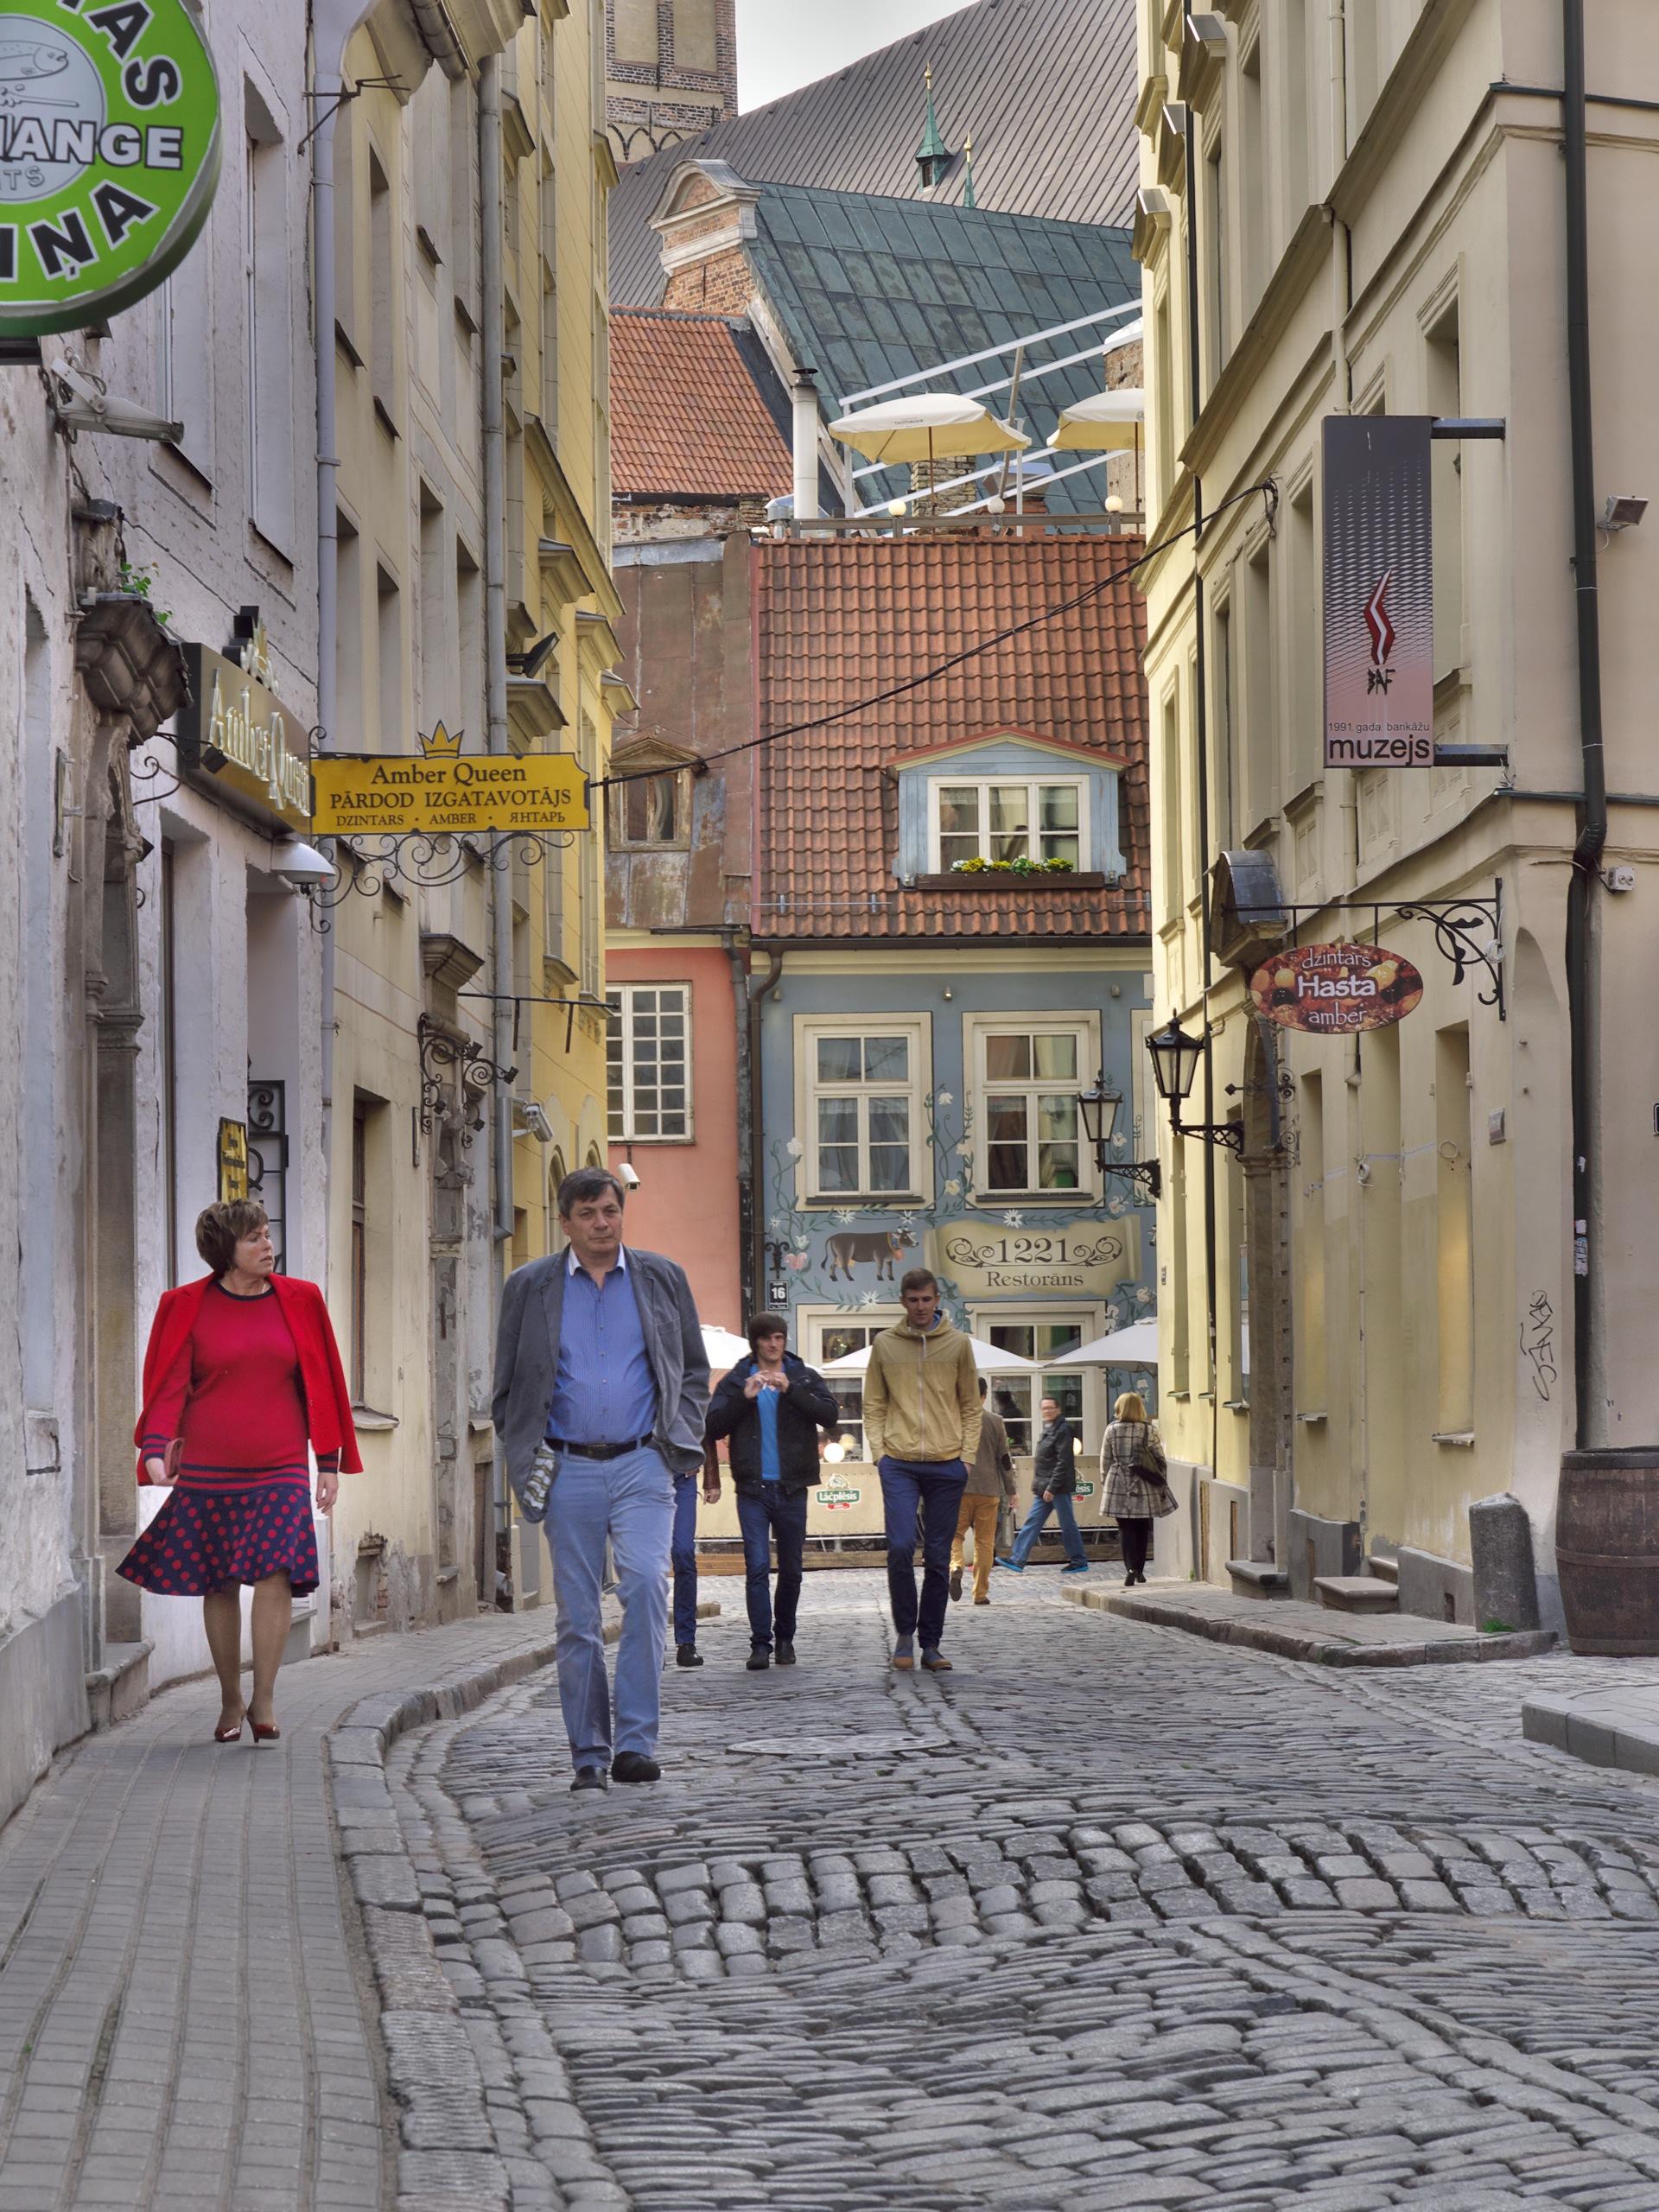 Bild: Eine der schönsten Gassen in der historischen Altstadt von Rīga ist die Tirgoņu iela, die am Restaurant Zur Blauen Kuh endet. Im Hintergrund ist der mächtige Dom von Rīga zu sehen. OLYMPUS OM-D E-M5 mit M.ZUIKO DIGITAL ED 12‑40mm 1:2.8. ISO 200 ¦ f/9 ¦ 40 mm ¦ 1/40 s ¦ kein Blitz. Klicken Sie auf das Bild um es zu vergrößern.